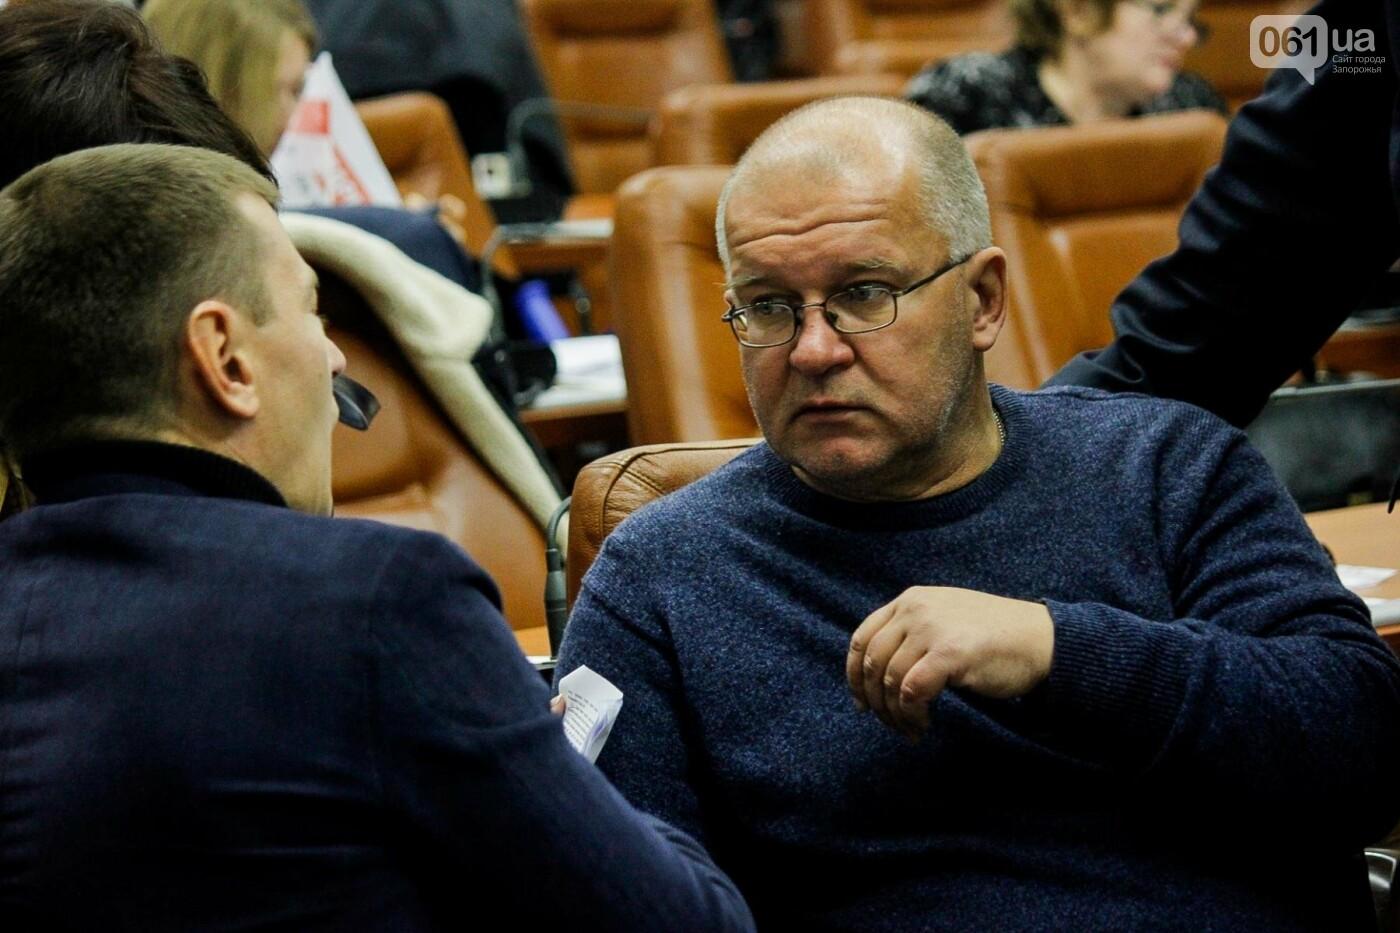 Сессия запорожского горсовета в 55 фотографиях, - ФОТОРЕПОРТАЖ, фото-35